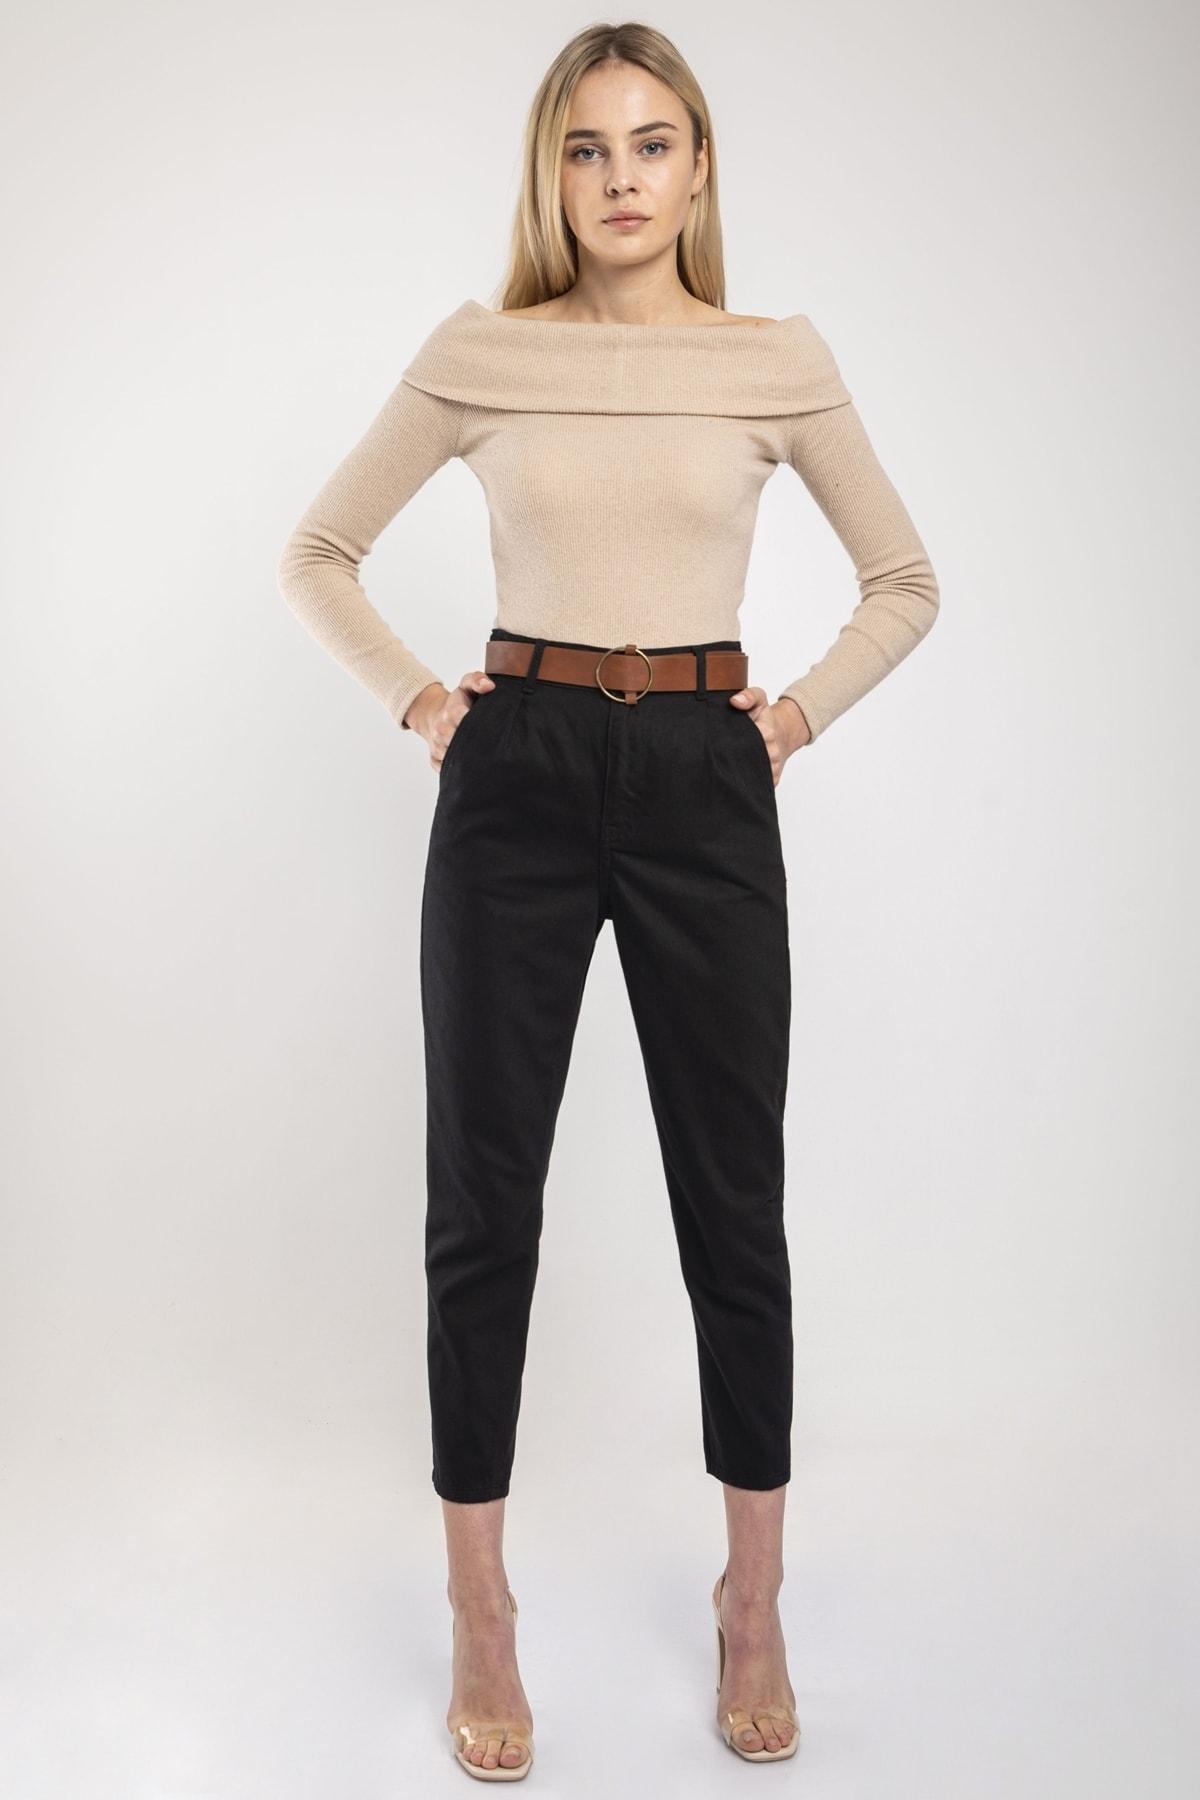 MD trend Kadın Siyah Bel Lastikli Kemerli Gabardin Pantolon 1